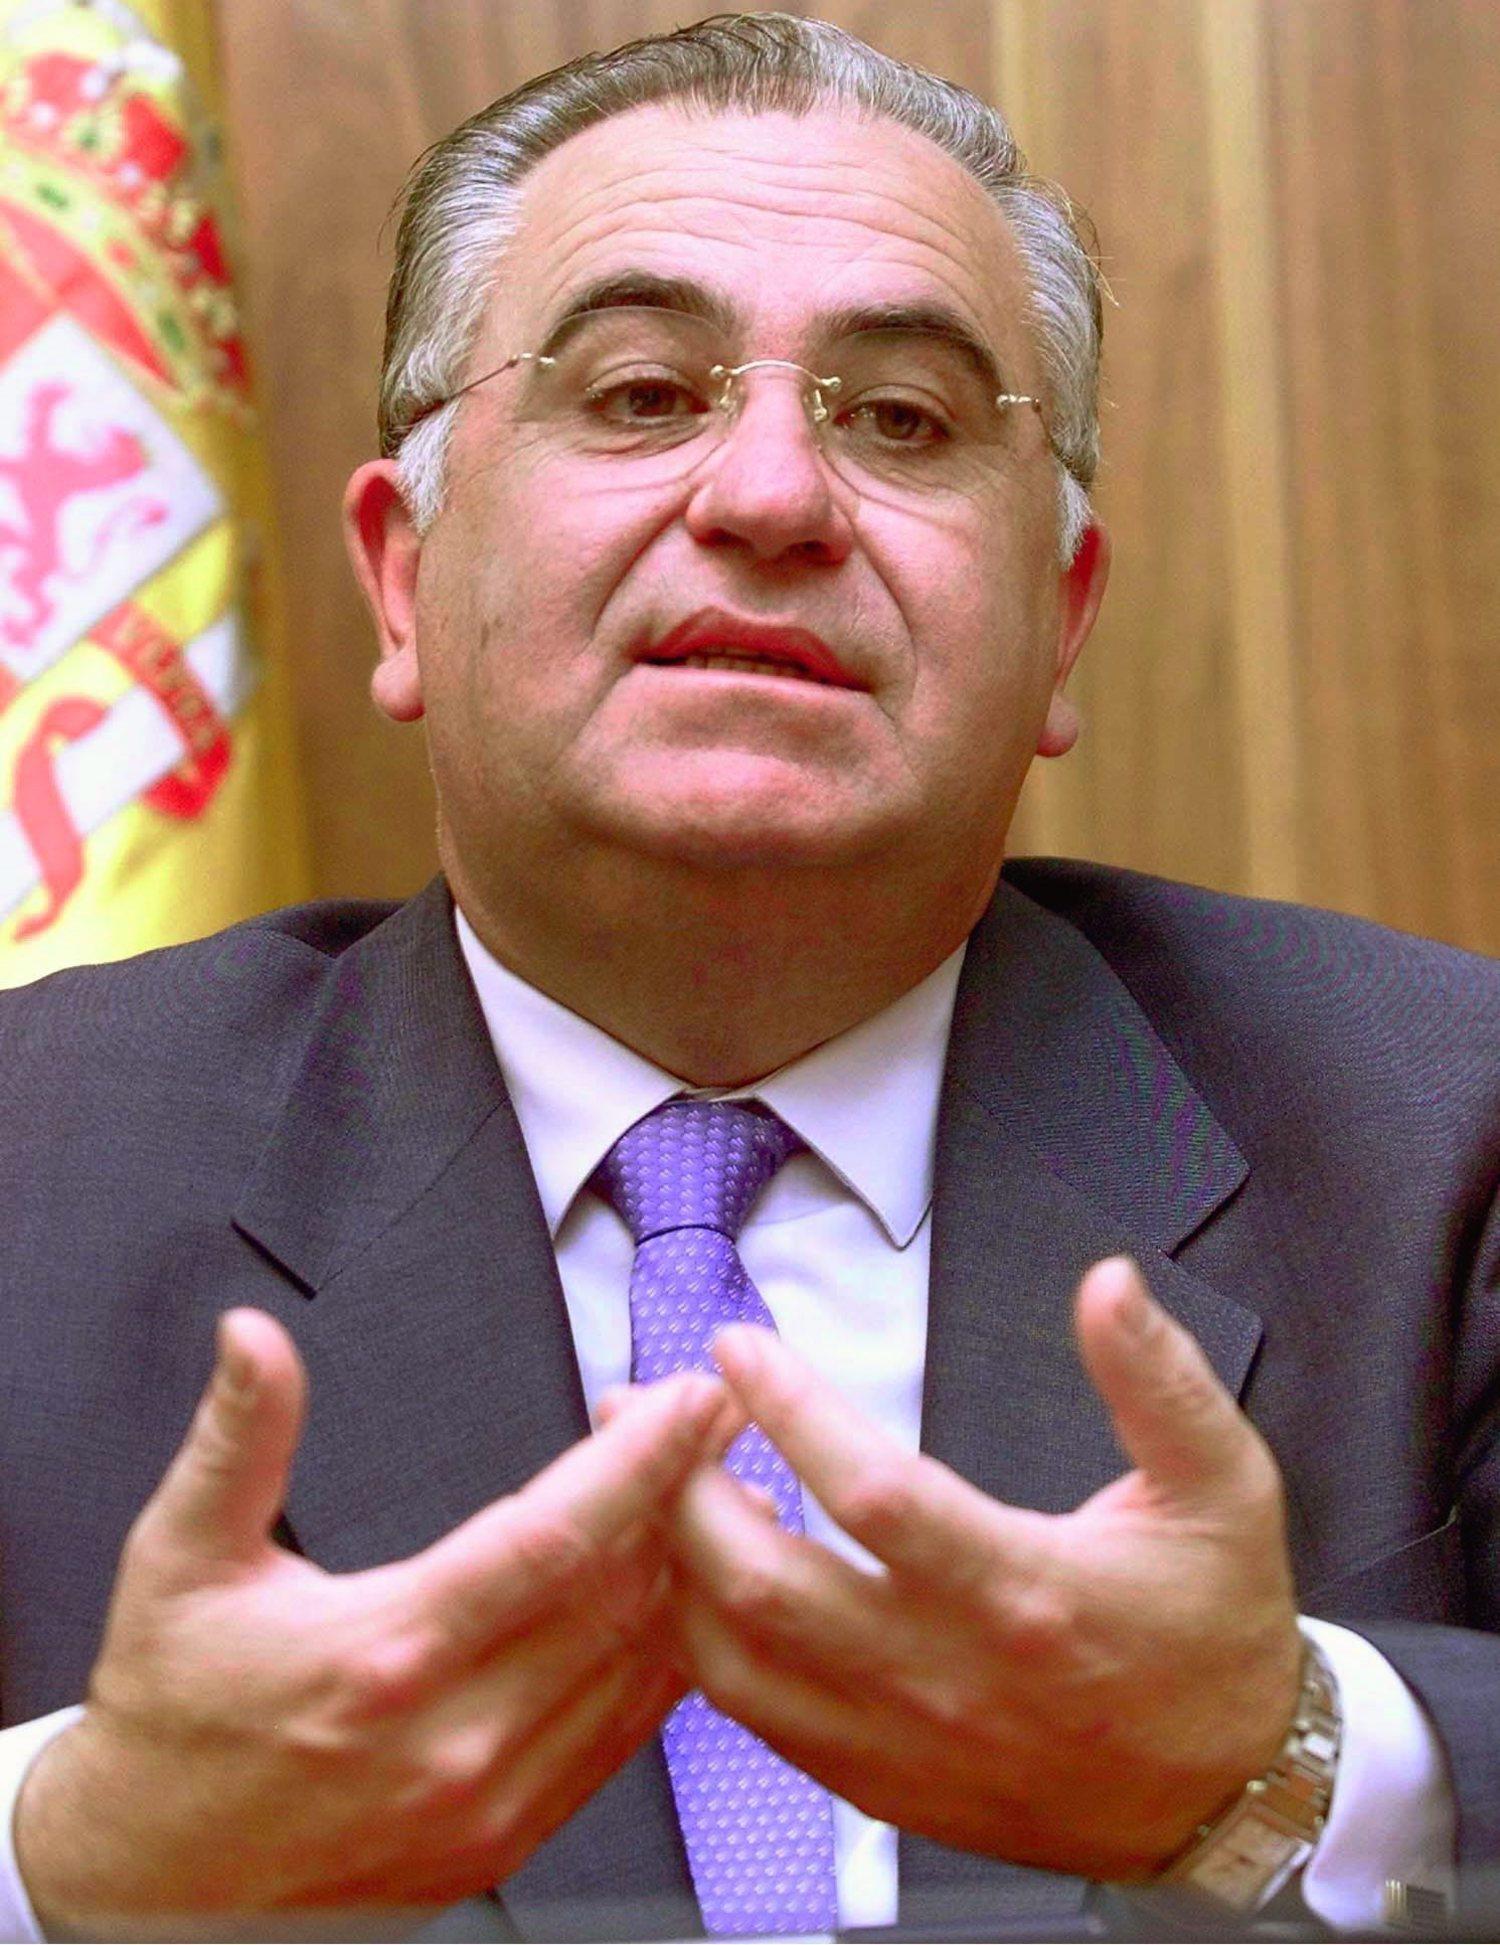 Un sobrino de Juan Cotino, condenado por la trama Gürtel, era el dueño de Leitosa SAU, empresa propietaria de la mina del Monte Neme, cuando solicitó un concurso de acreedores en 2012.